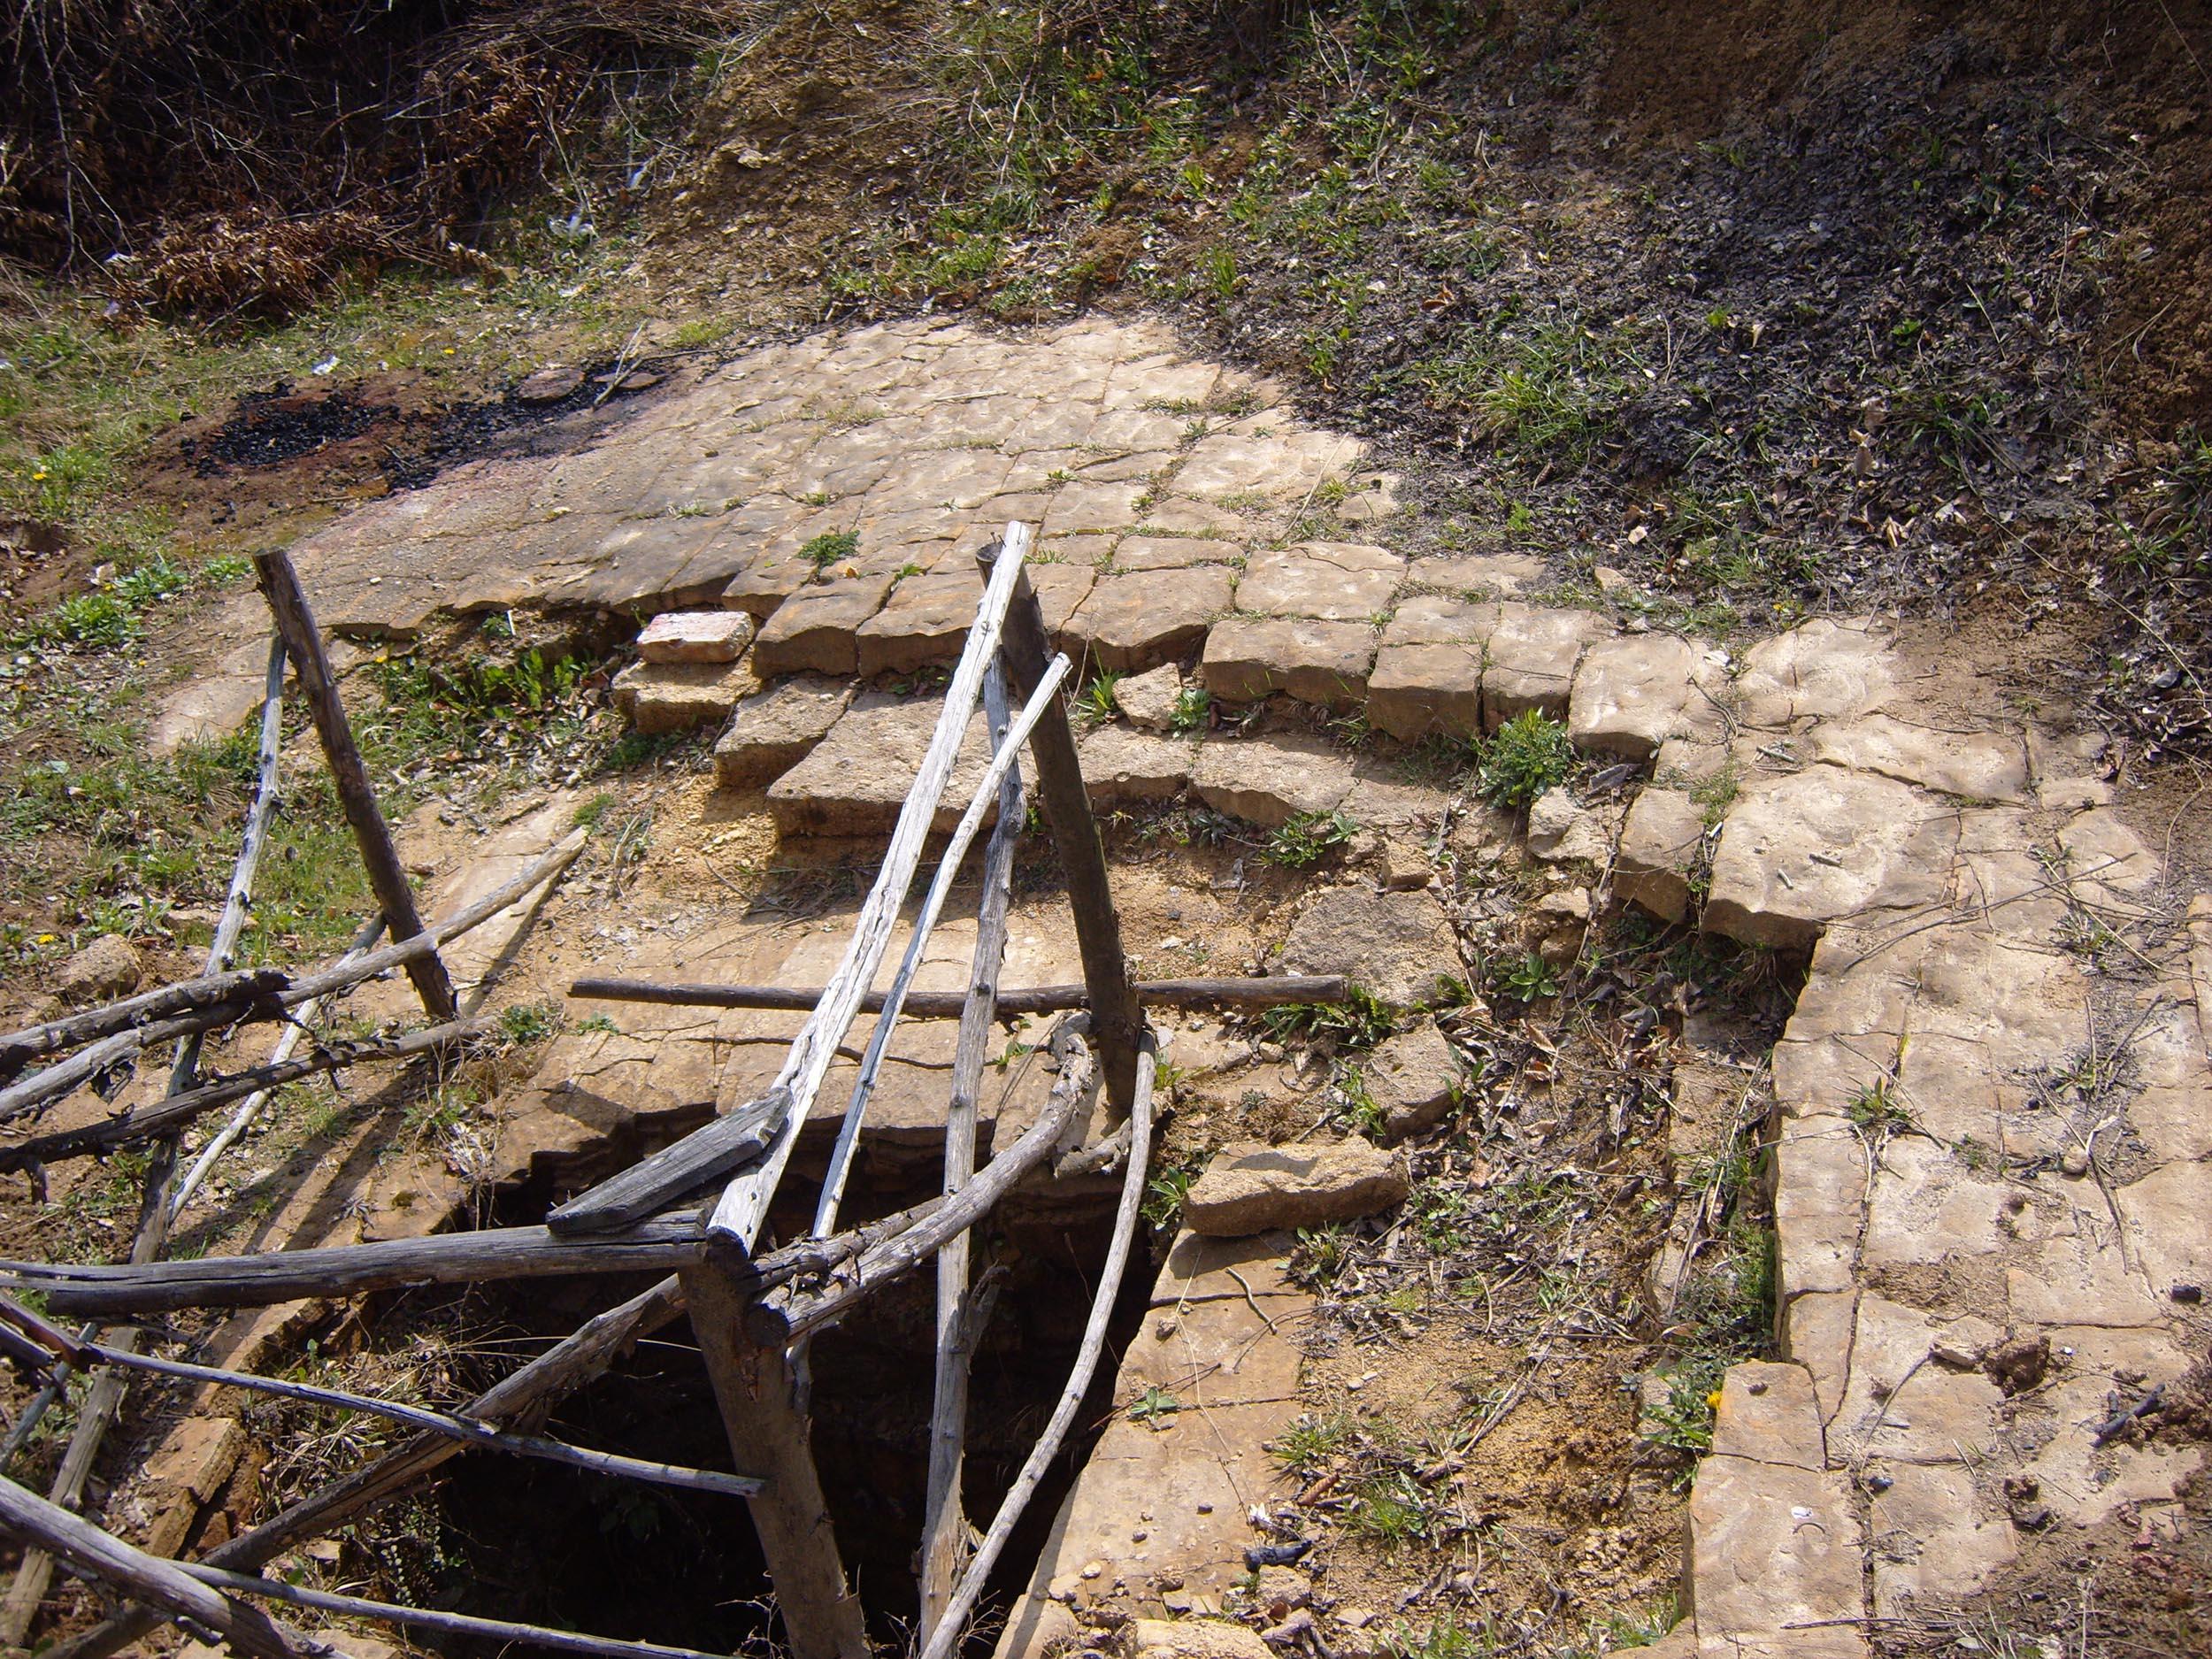 Reise zu den Pyramiden in Bosnien